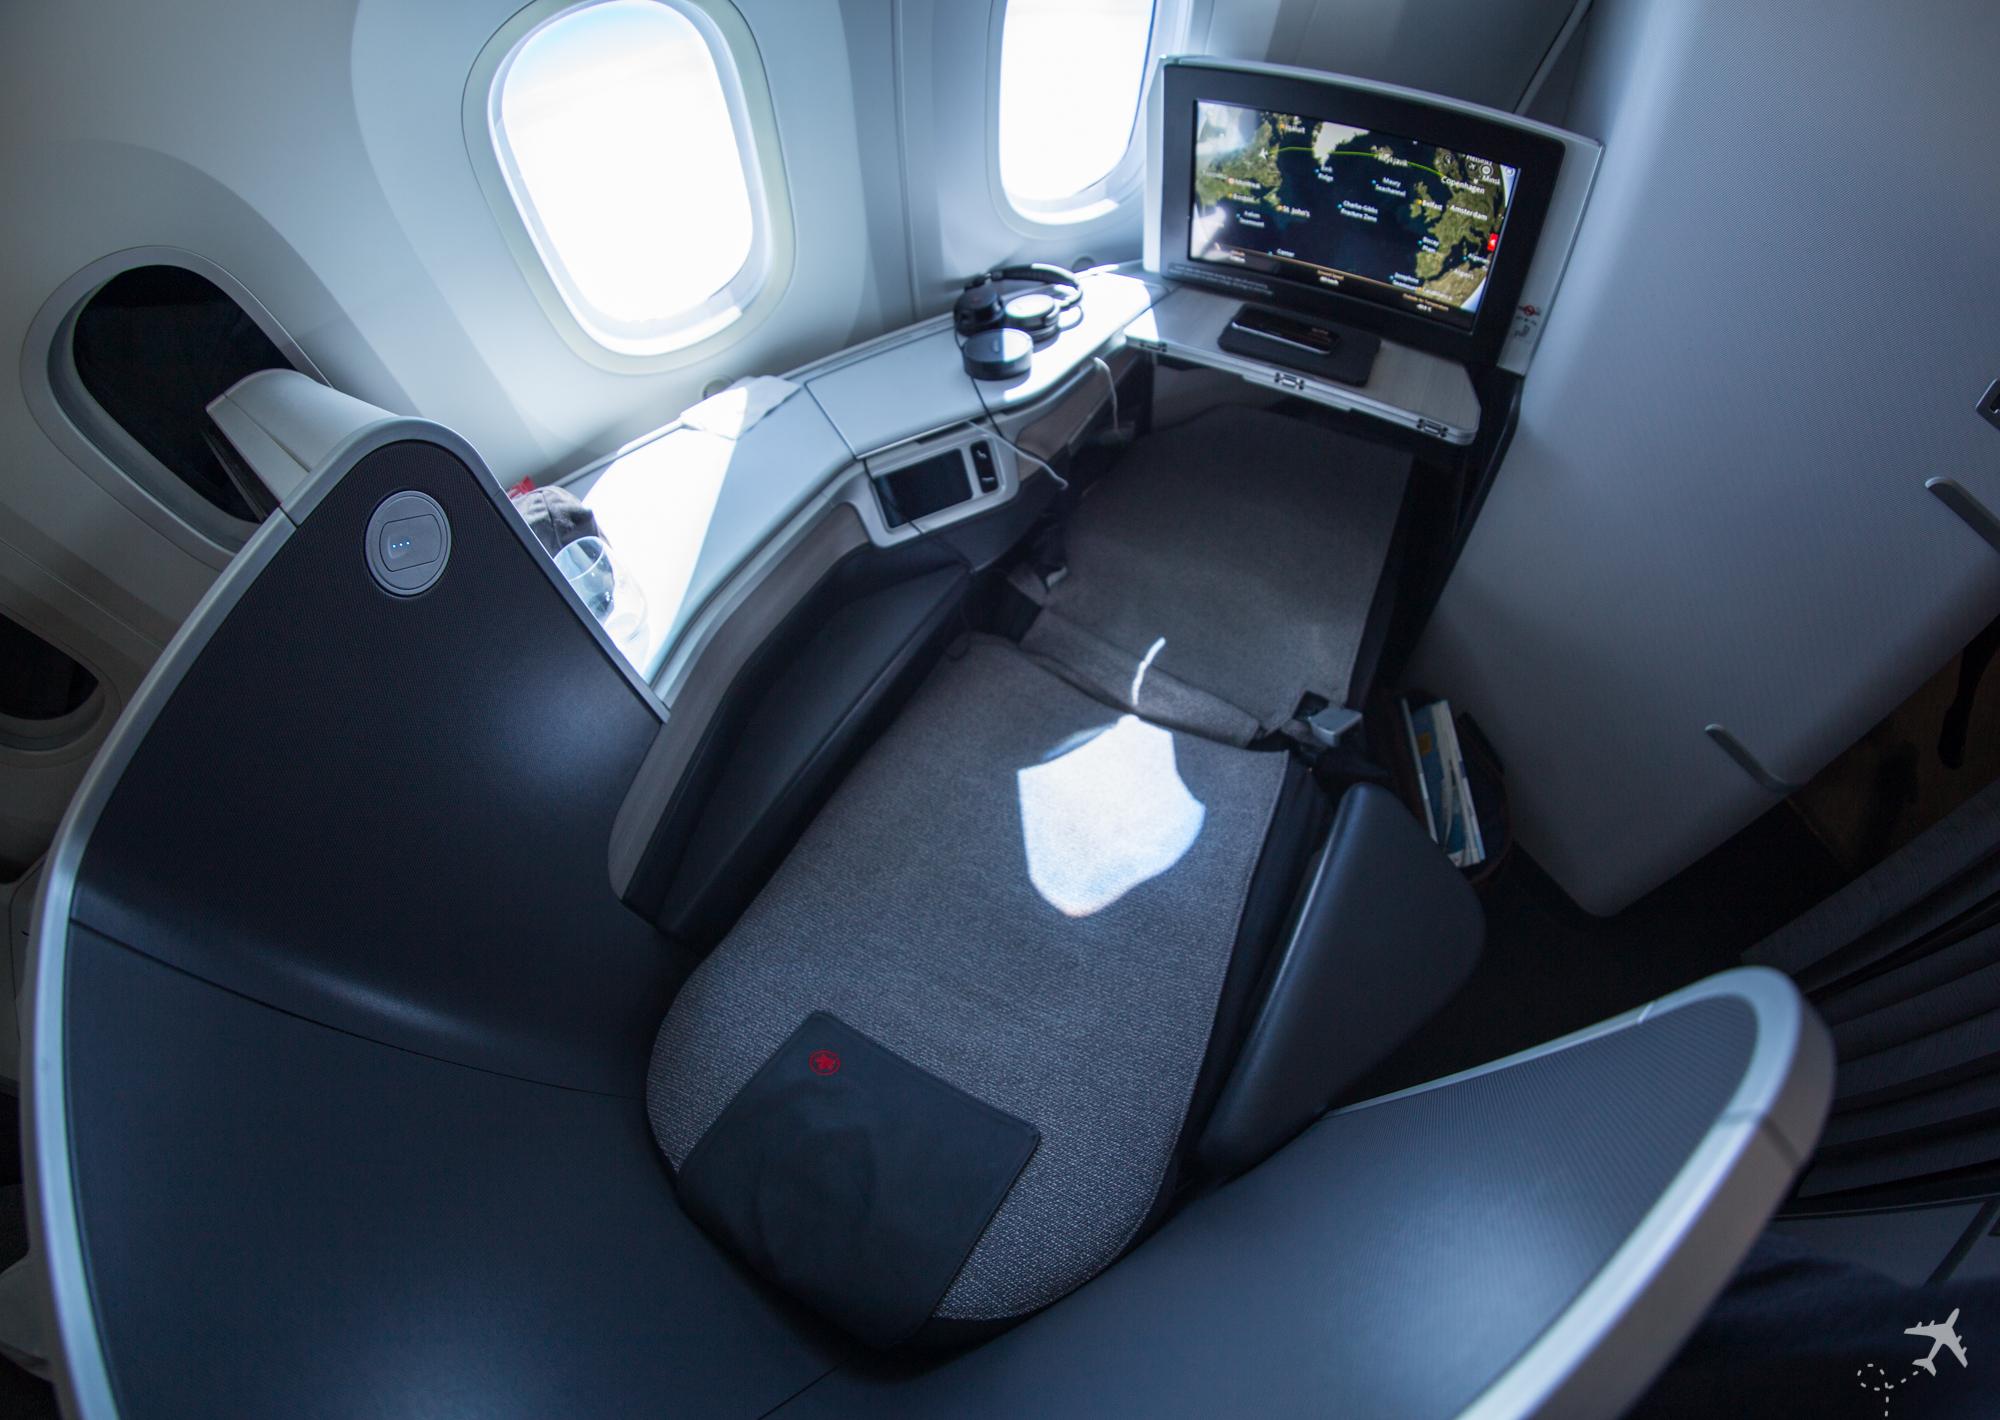 Air Canada Boeing 787-9 Business Class Lie-flat top